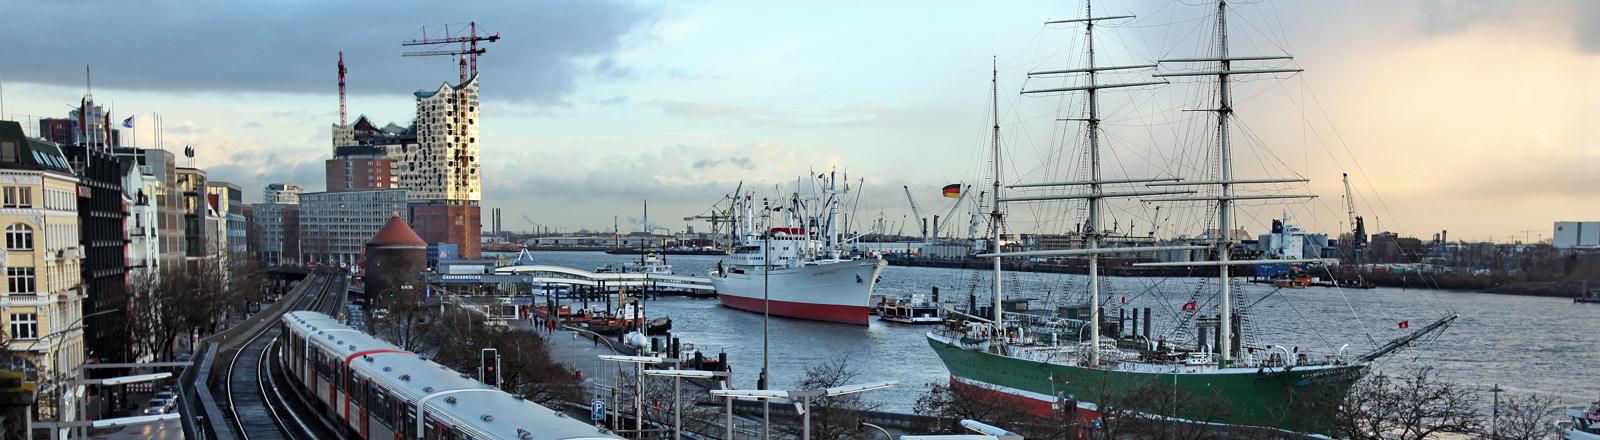 Die Haltestelle Landungsbrücken der Hamburger Hochbahn mit Hafen, Museumsschiffen und Elbphilharmonie im Hintergrund.